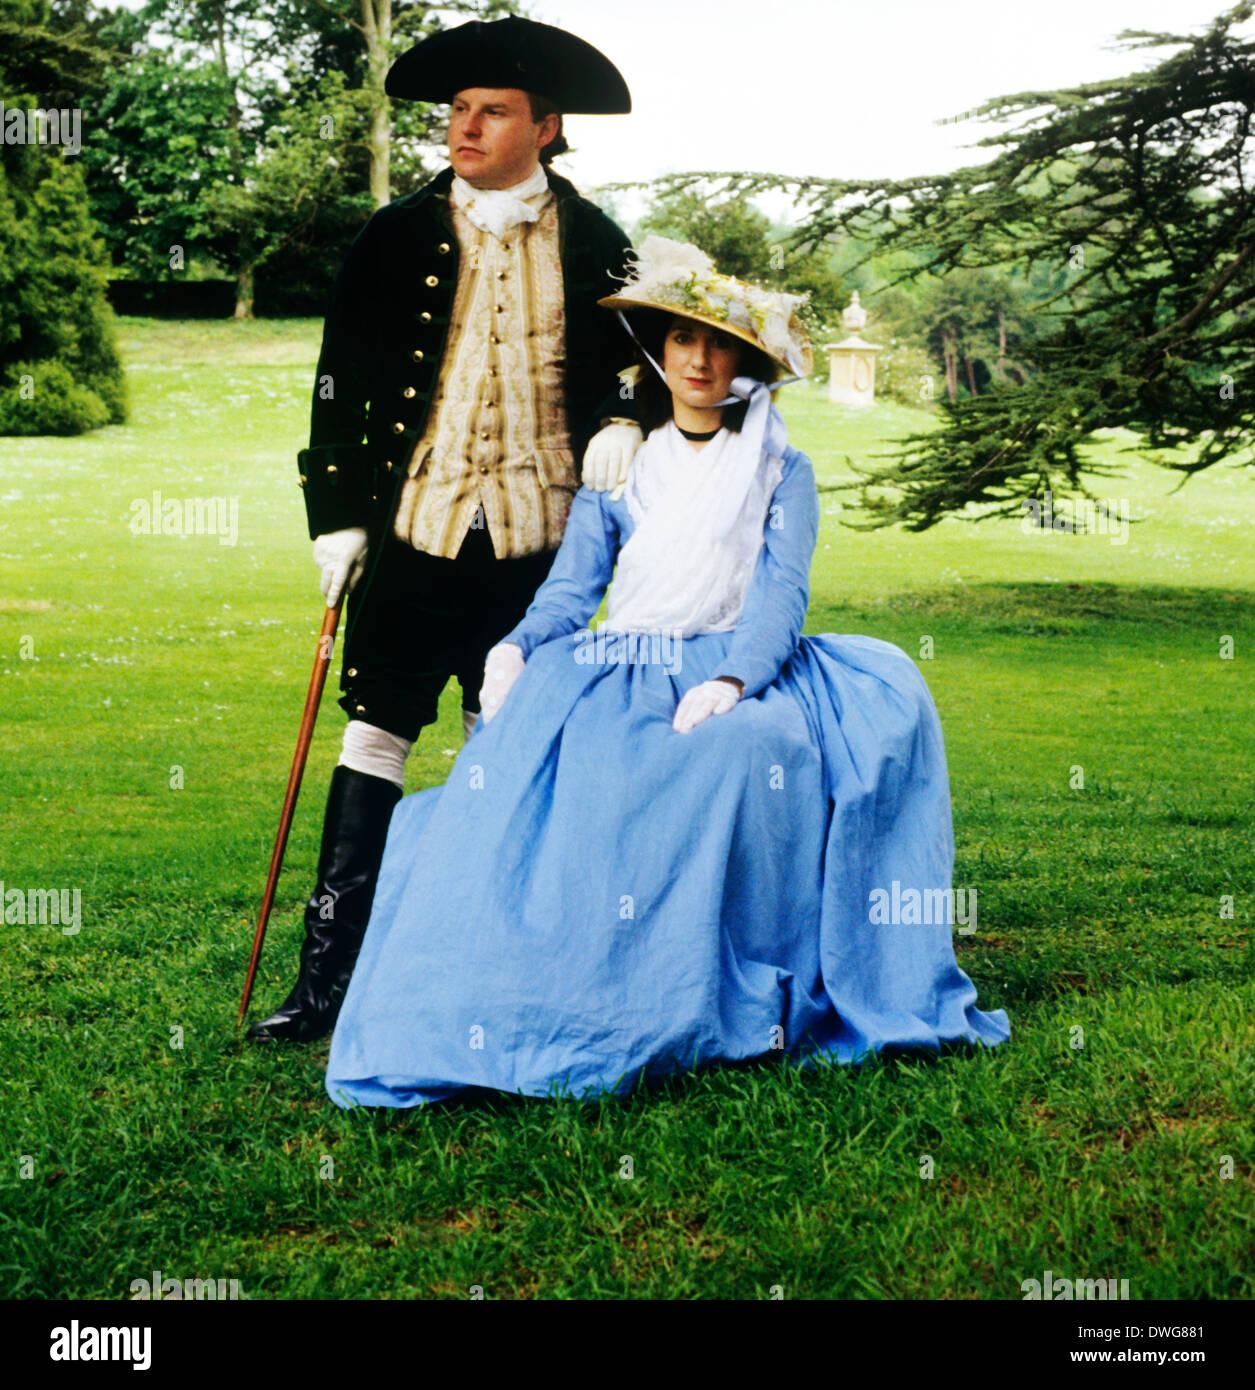 Inglese del xviii secolo Gentry in parco paesaggistico, Audley End House Gardens, Essex England Regno Unito, rievocazione storica in costume moda costumi mode gentleman e lady Immagini Stock